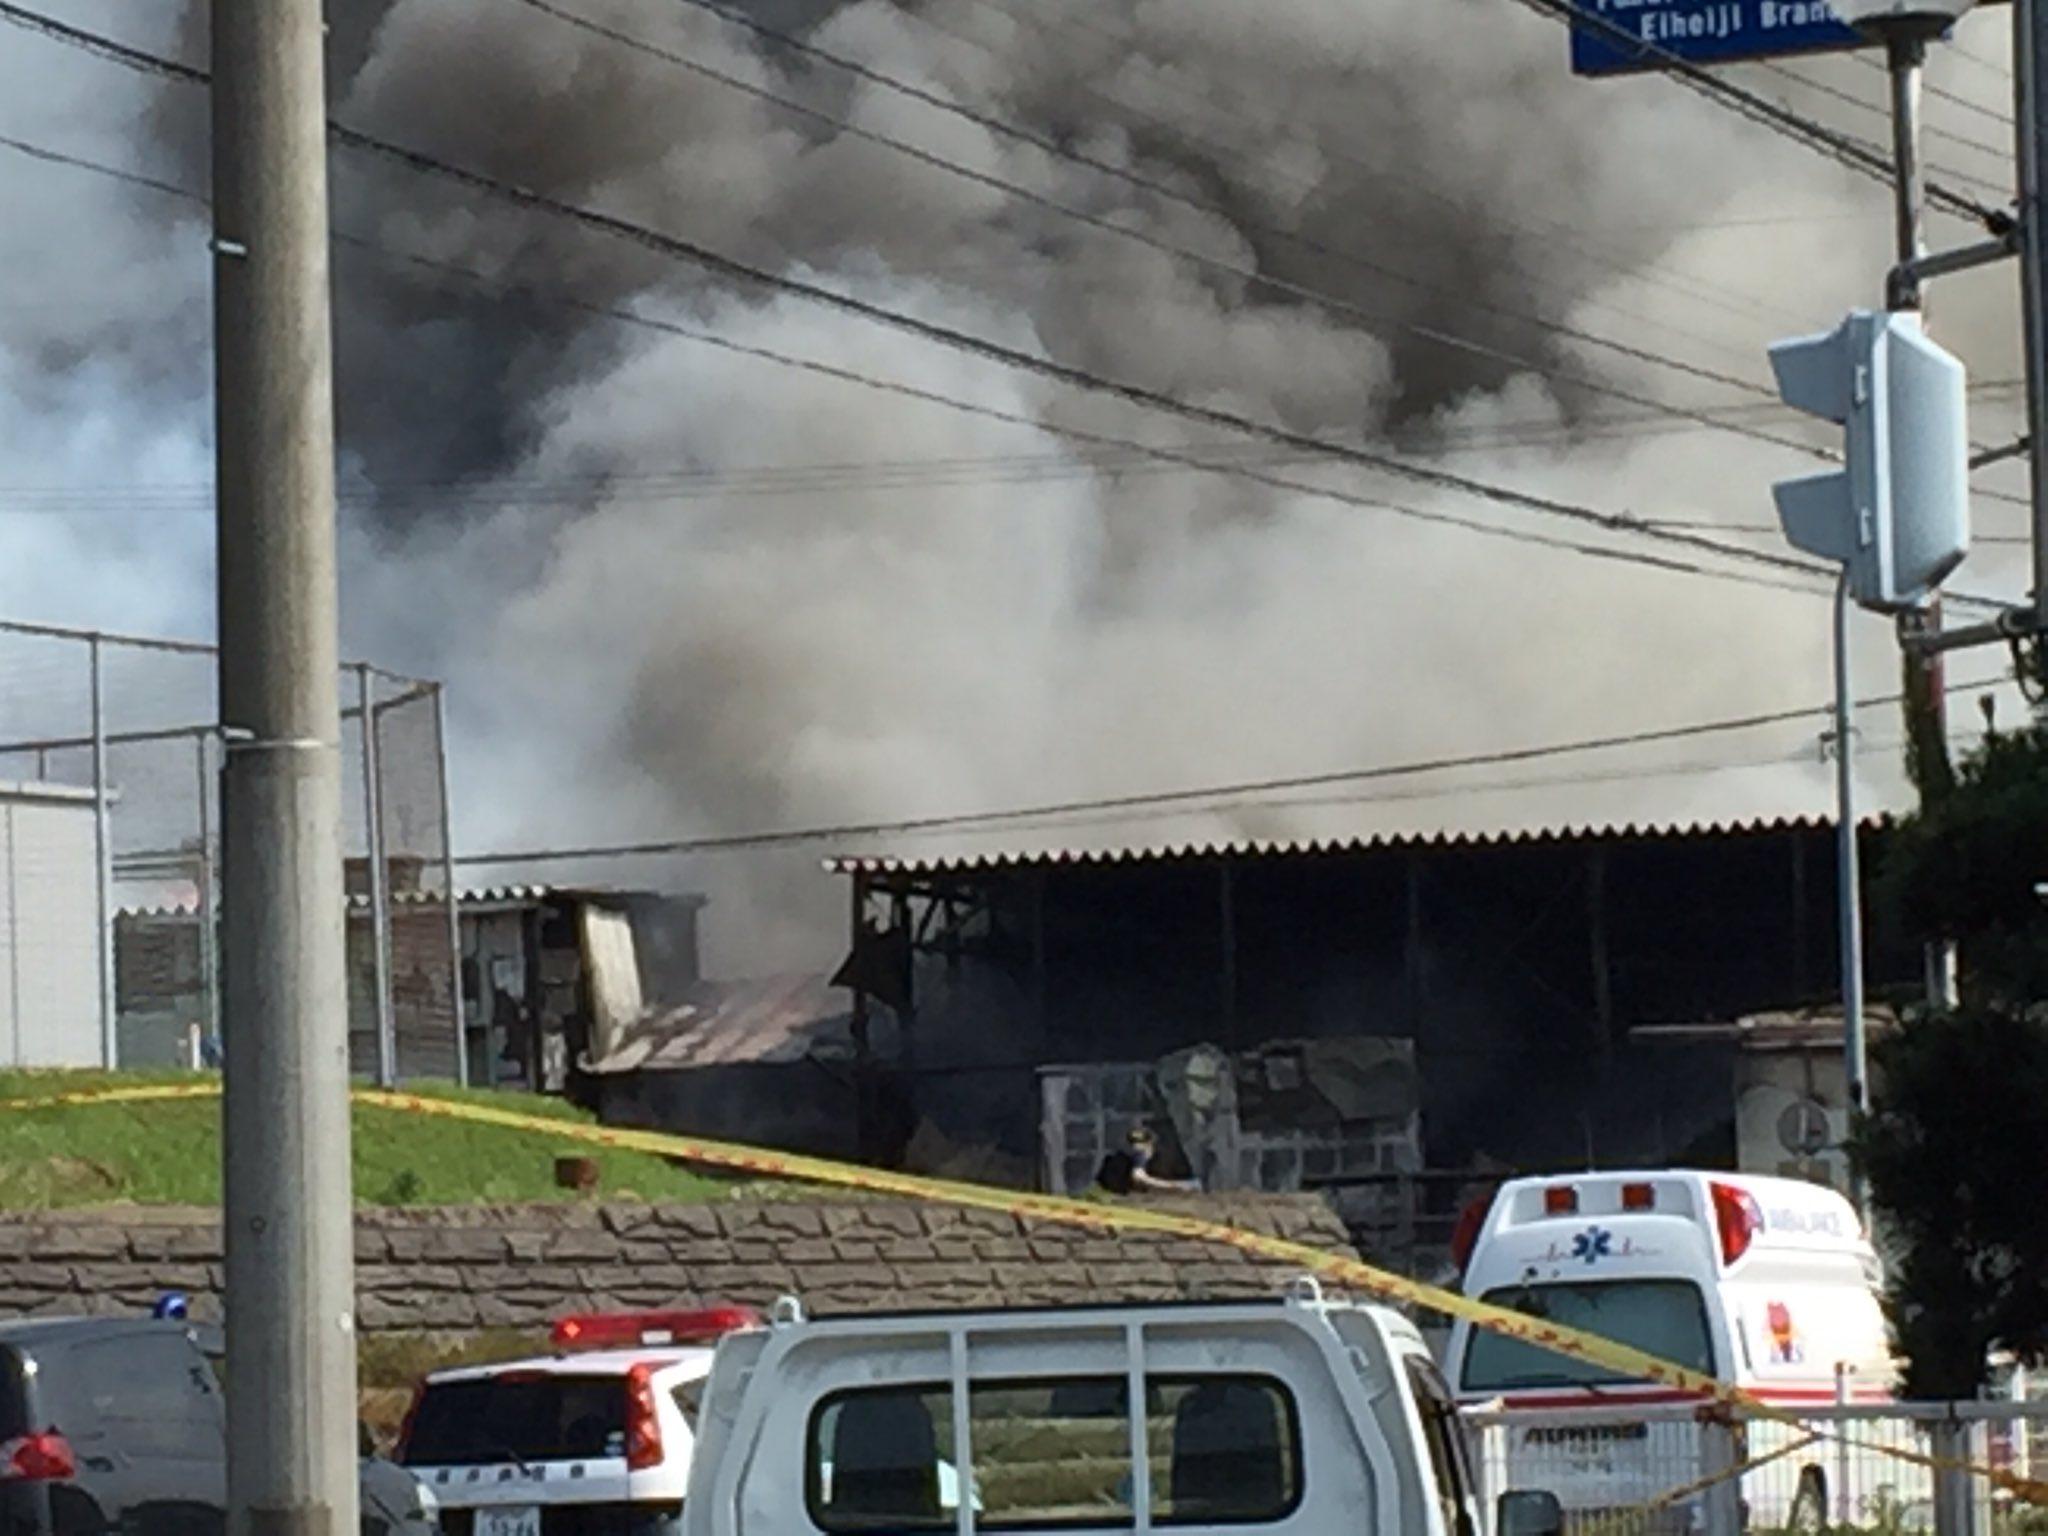 画像,#火災 #福井 #豊島繊維 1~2時間前から燃えています…… https://t.co/8w5qUrjZq8。